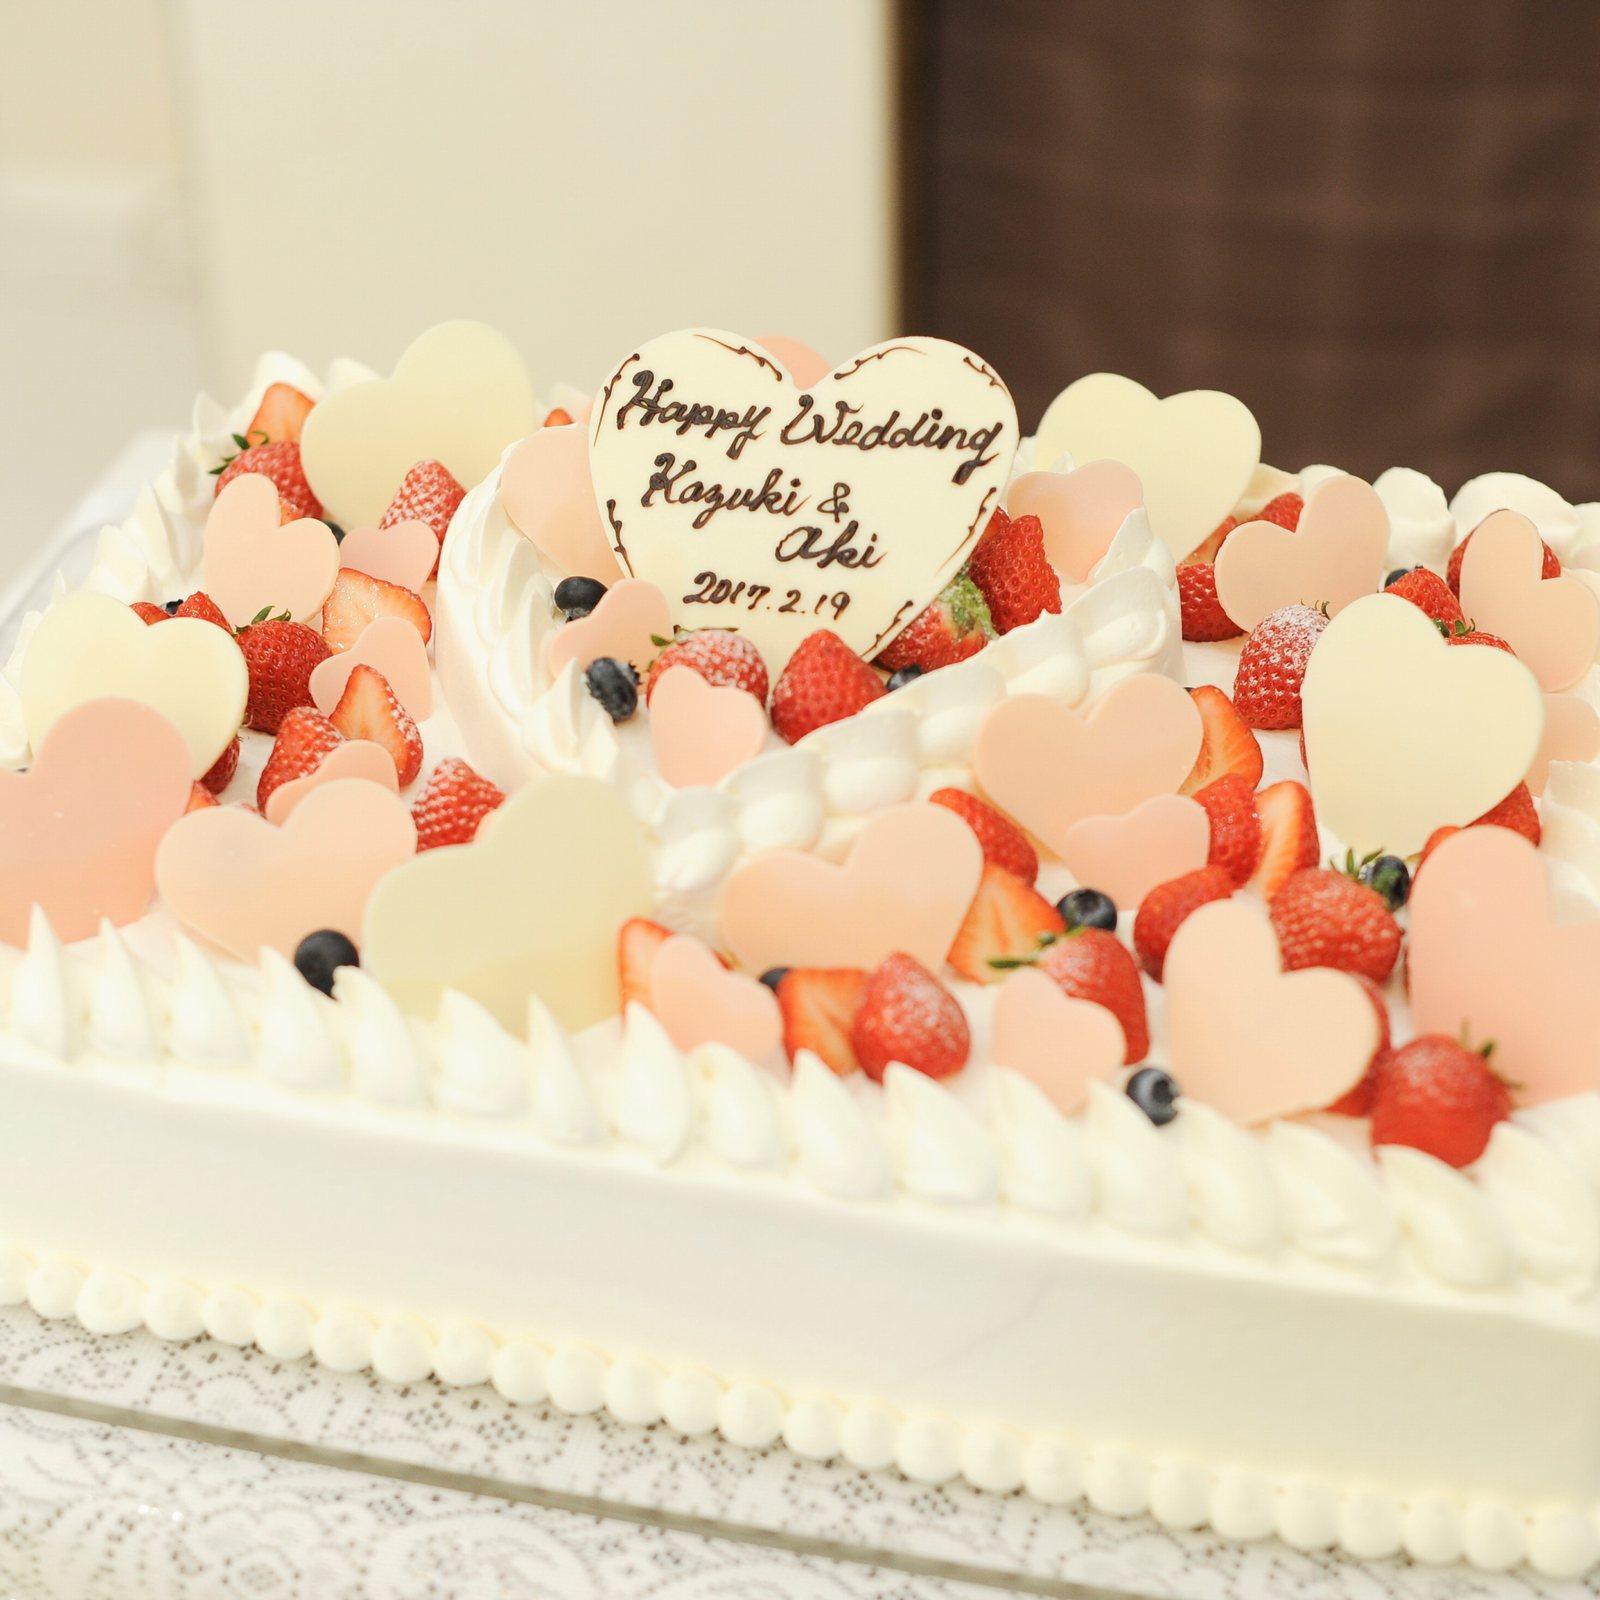 香川の結婚式場のシェルエメール&アイスタイルのバレンタインケーキ